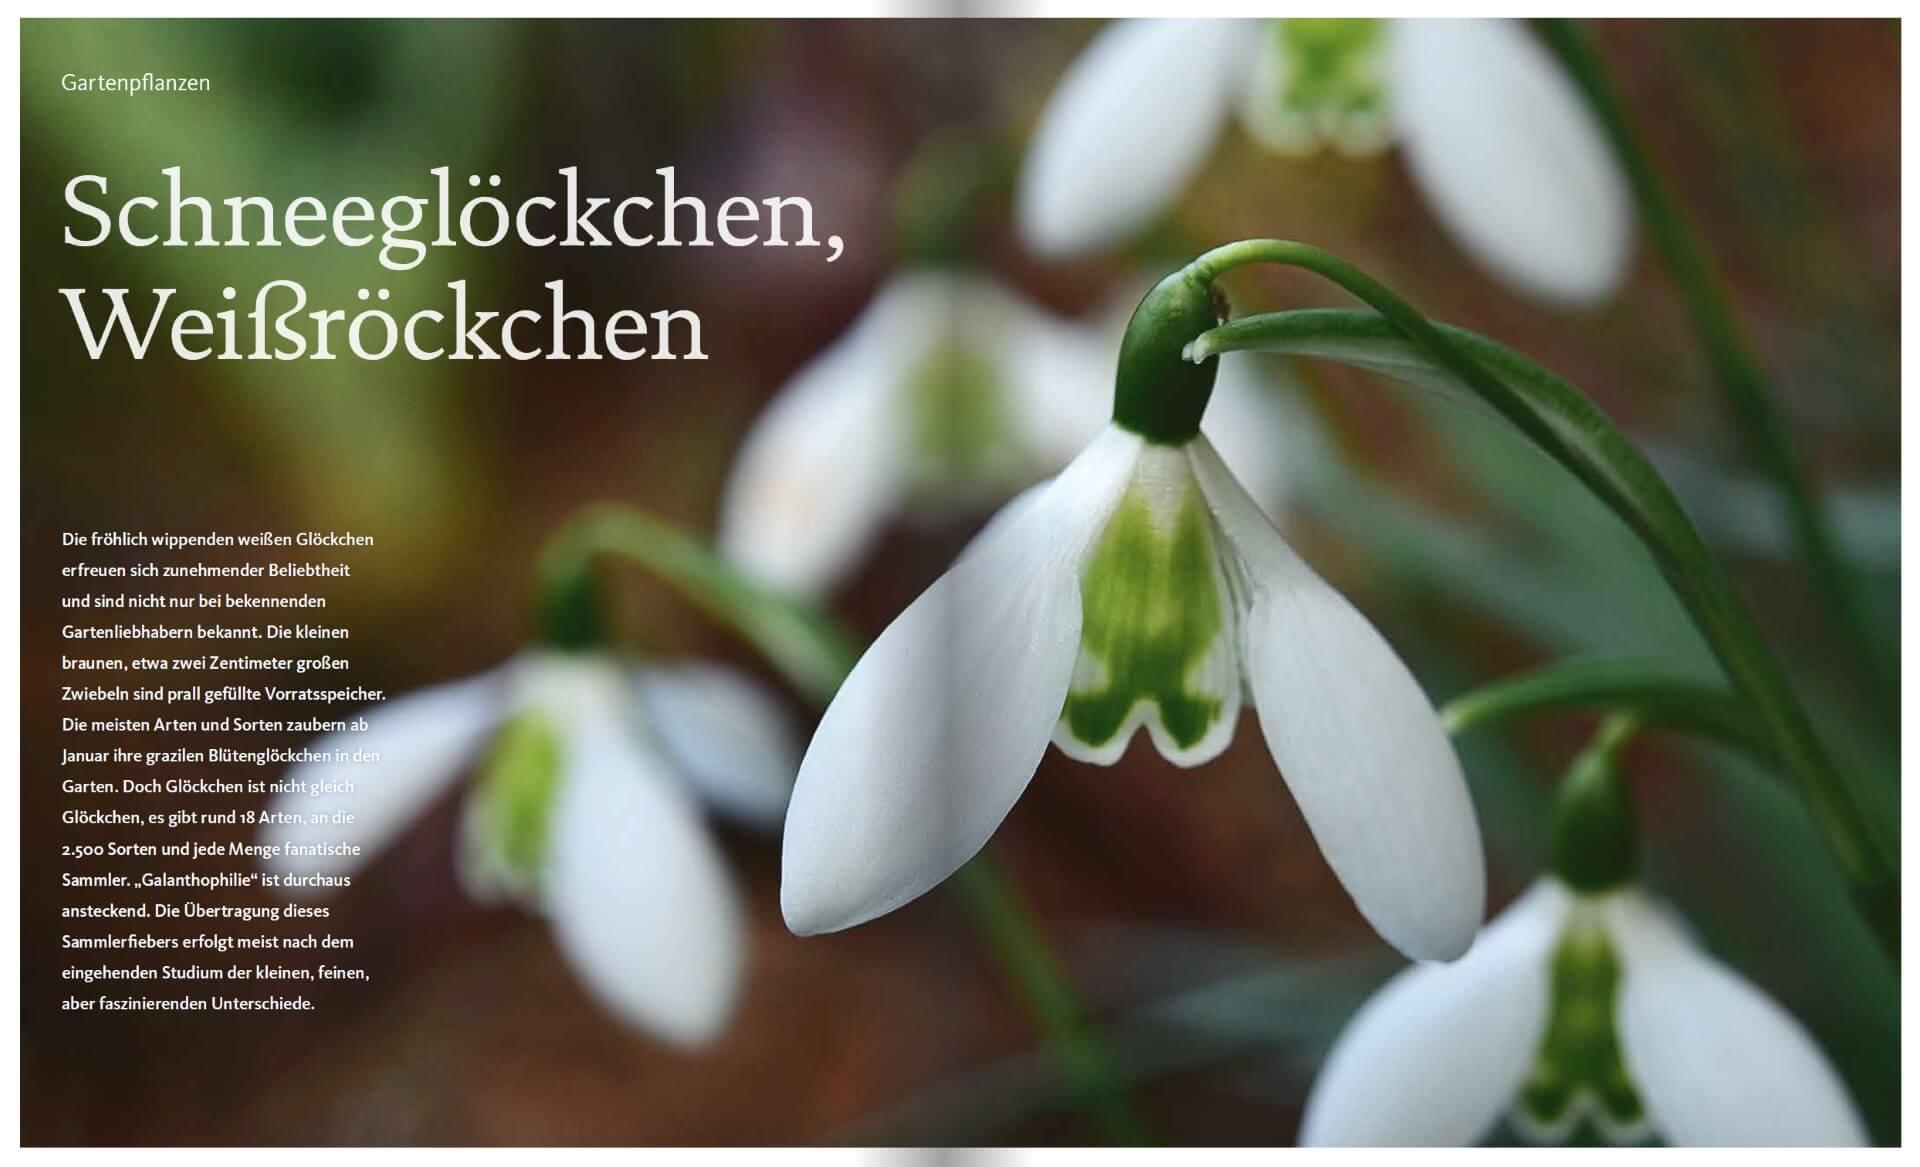 GARTENDESIGN INSPIRATION Ausgabe 1/2020: Schneeglöckchen